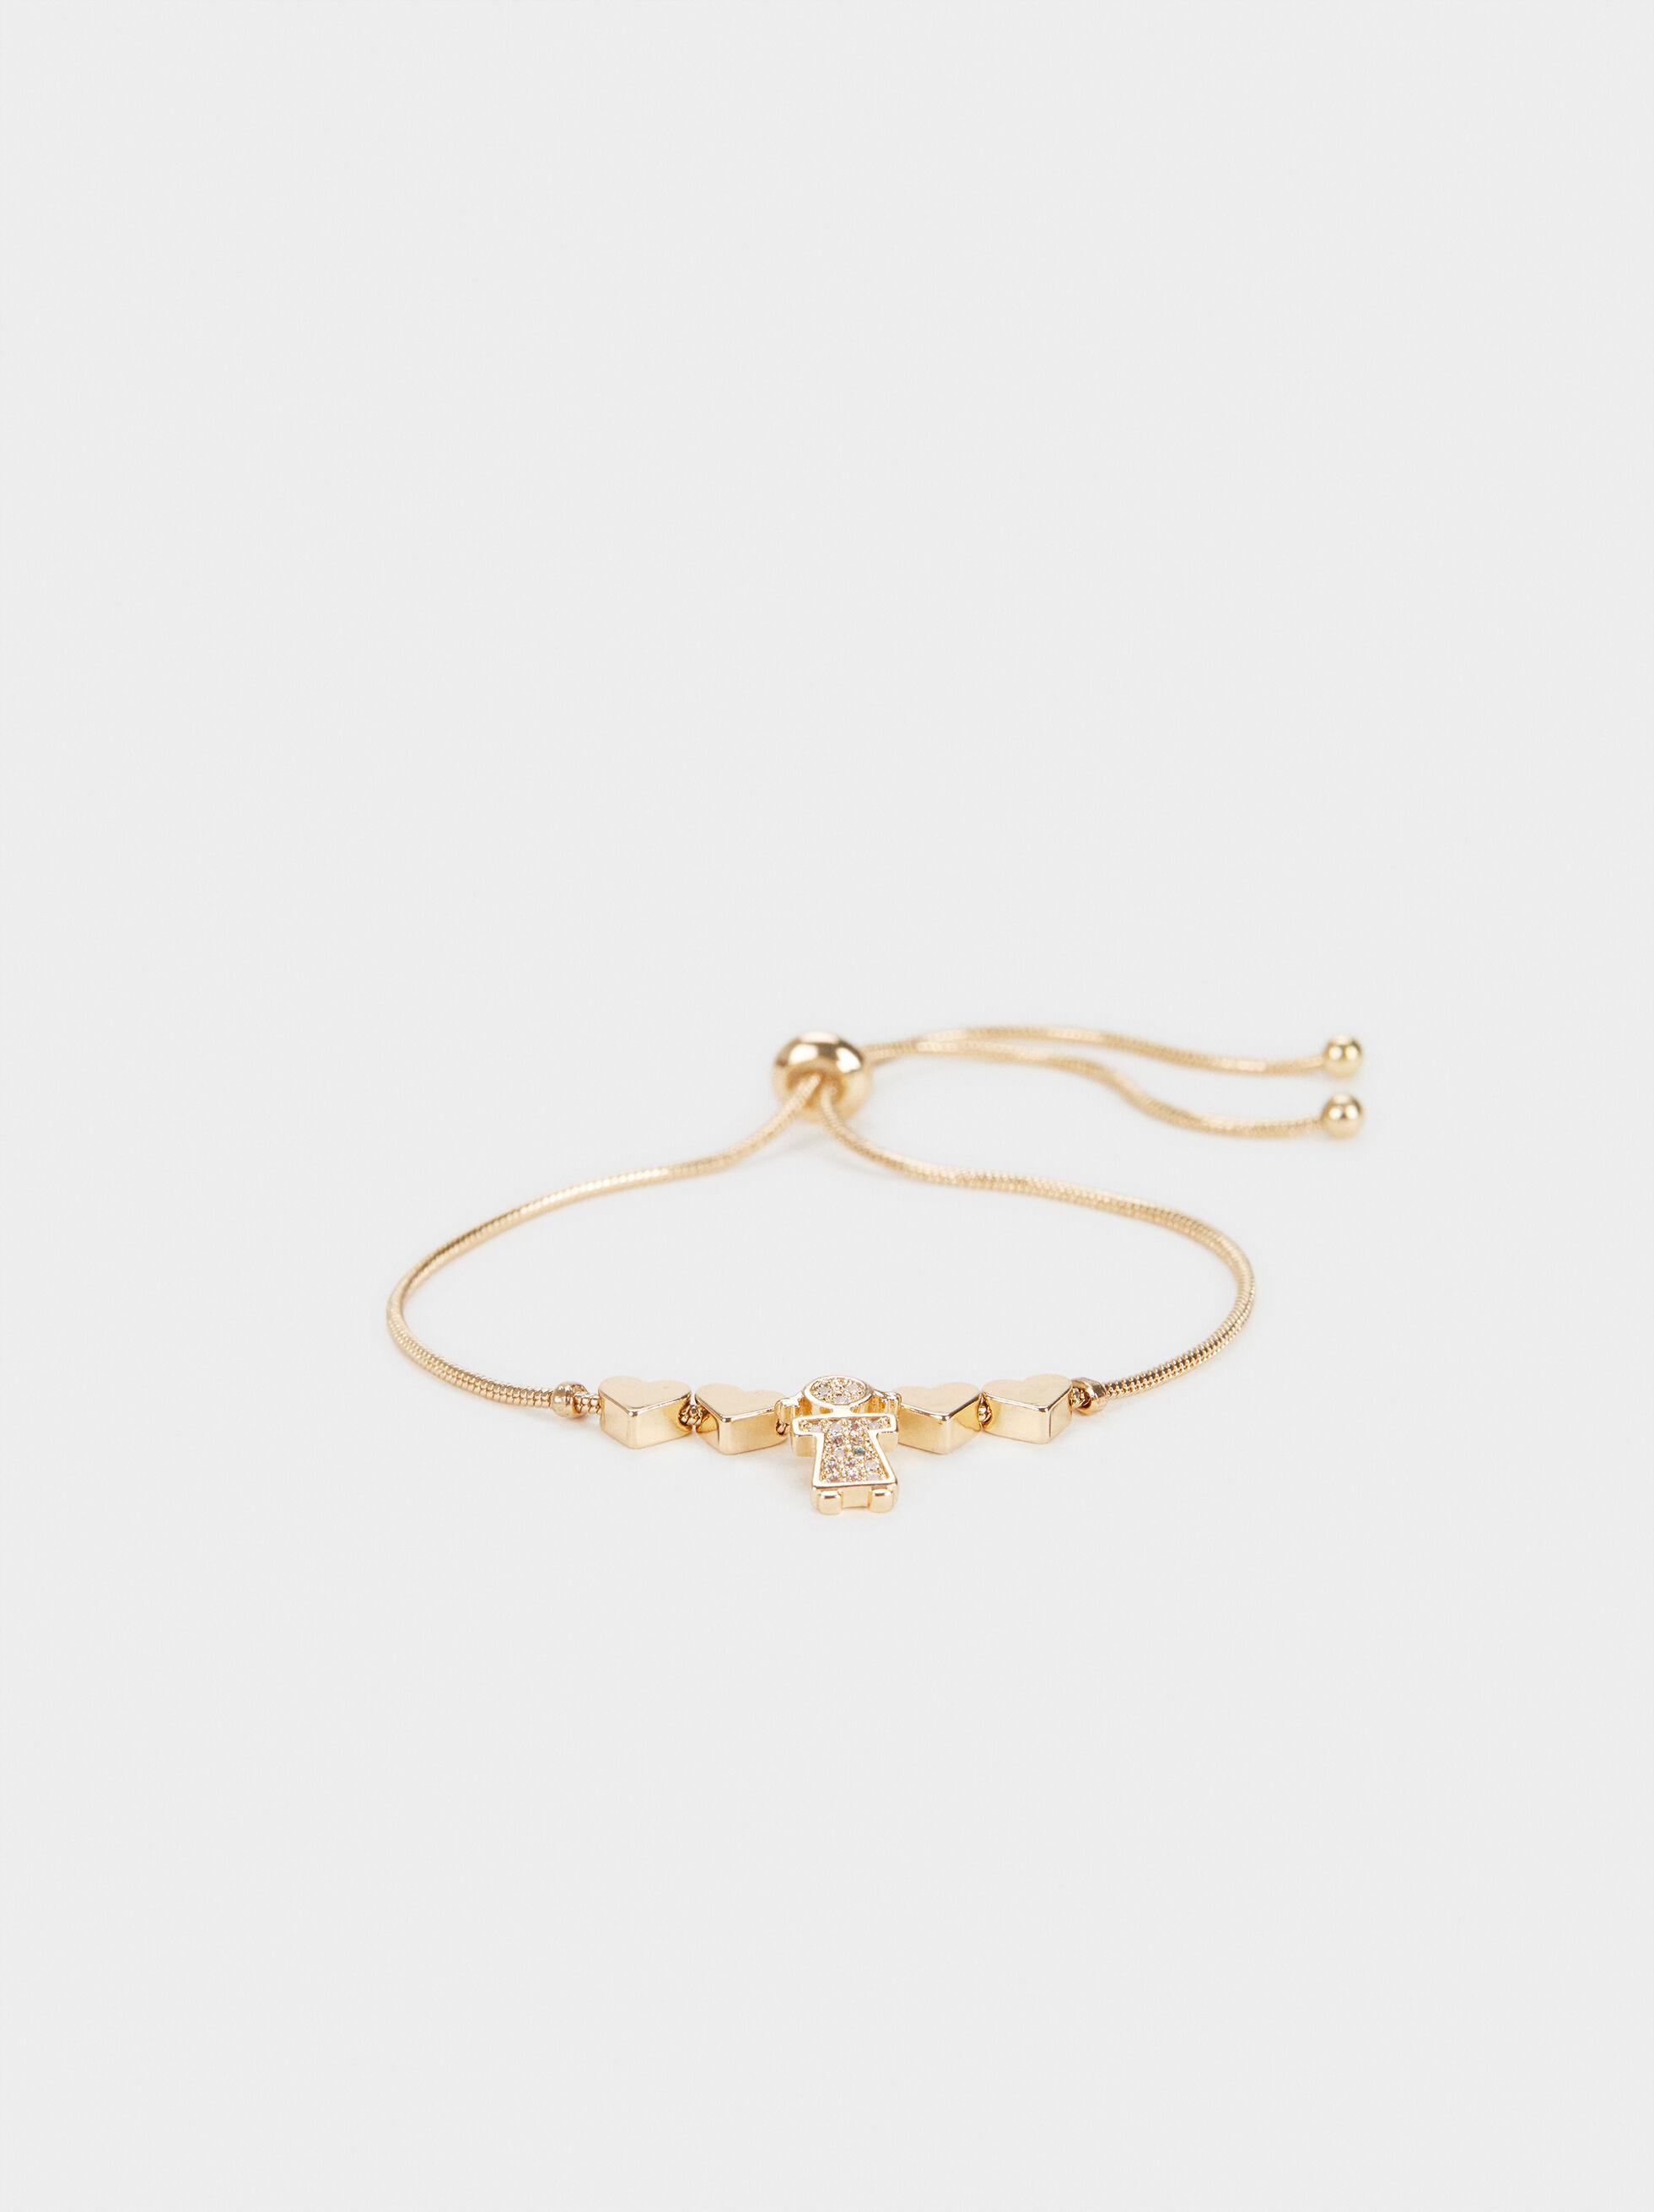 Girl'S Adjustable Heart Bracelet, Golden, hi-res